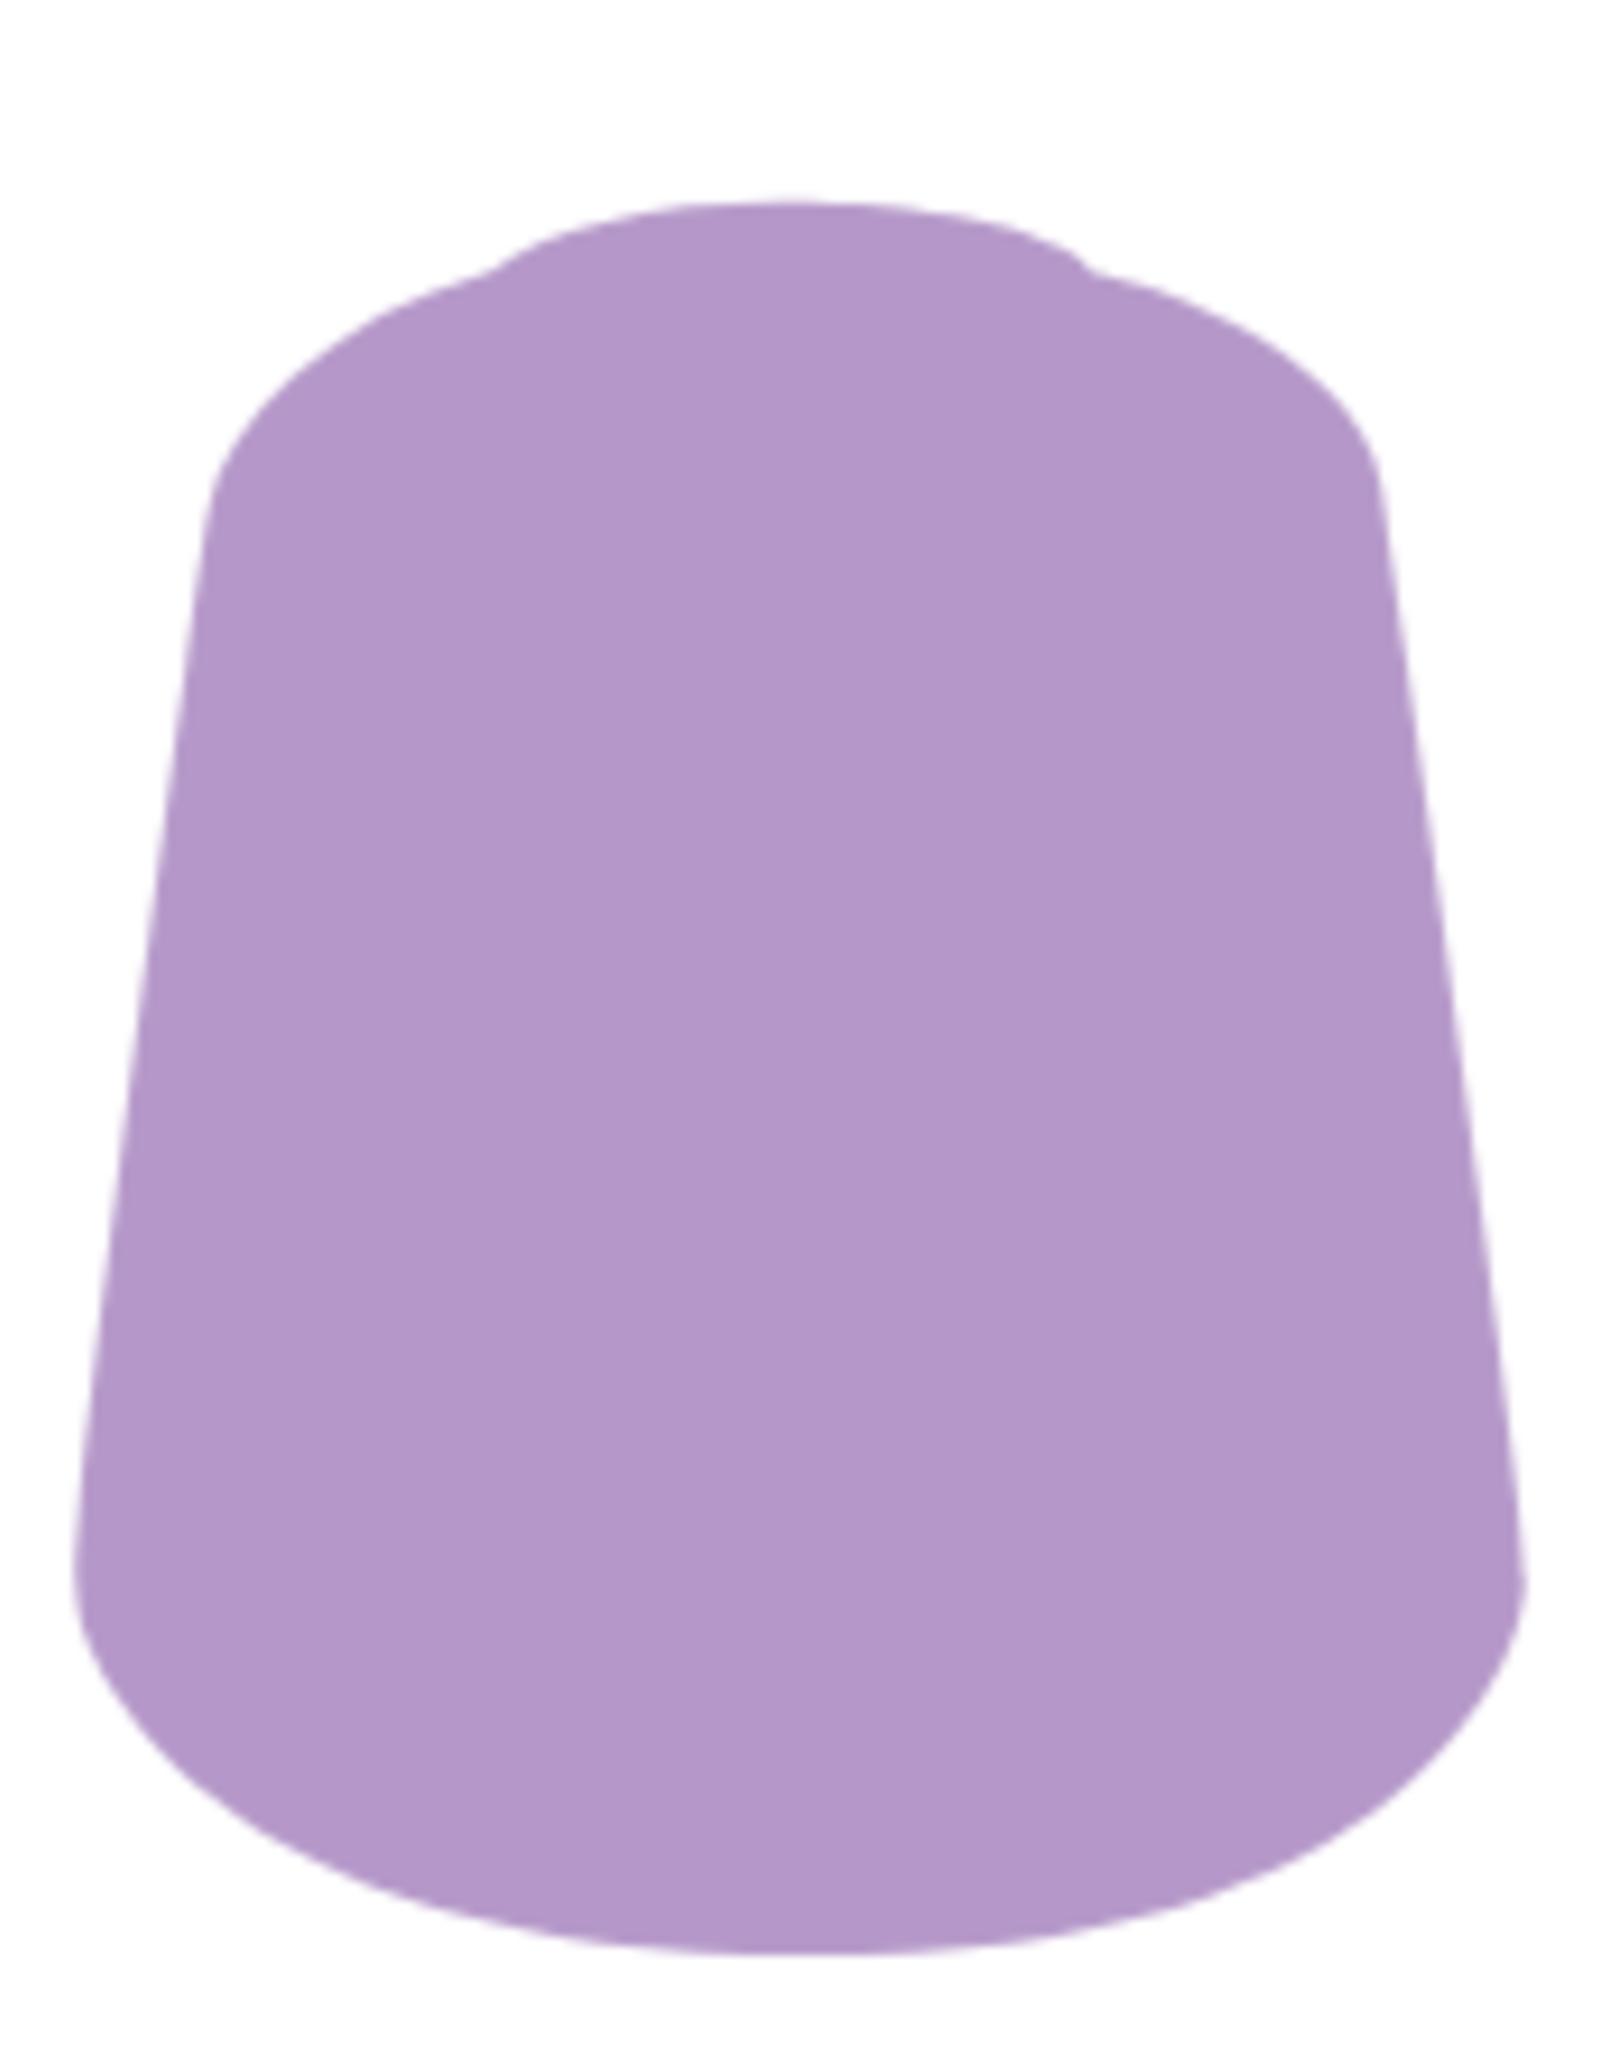 Games Workshop Layer: Dechala Lilac (12ml) Paint